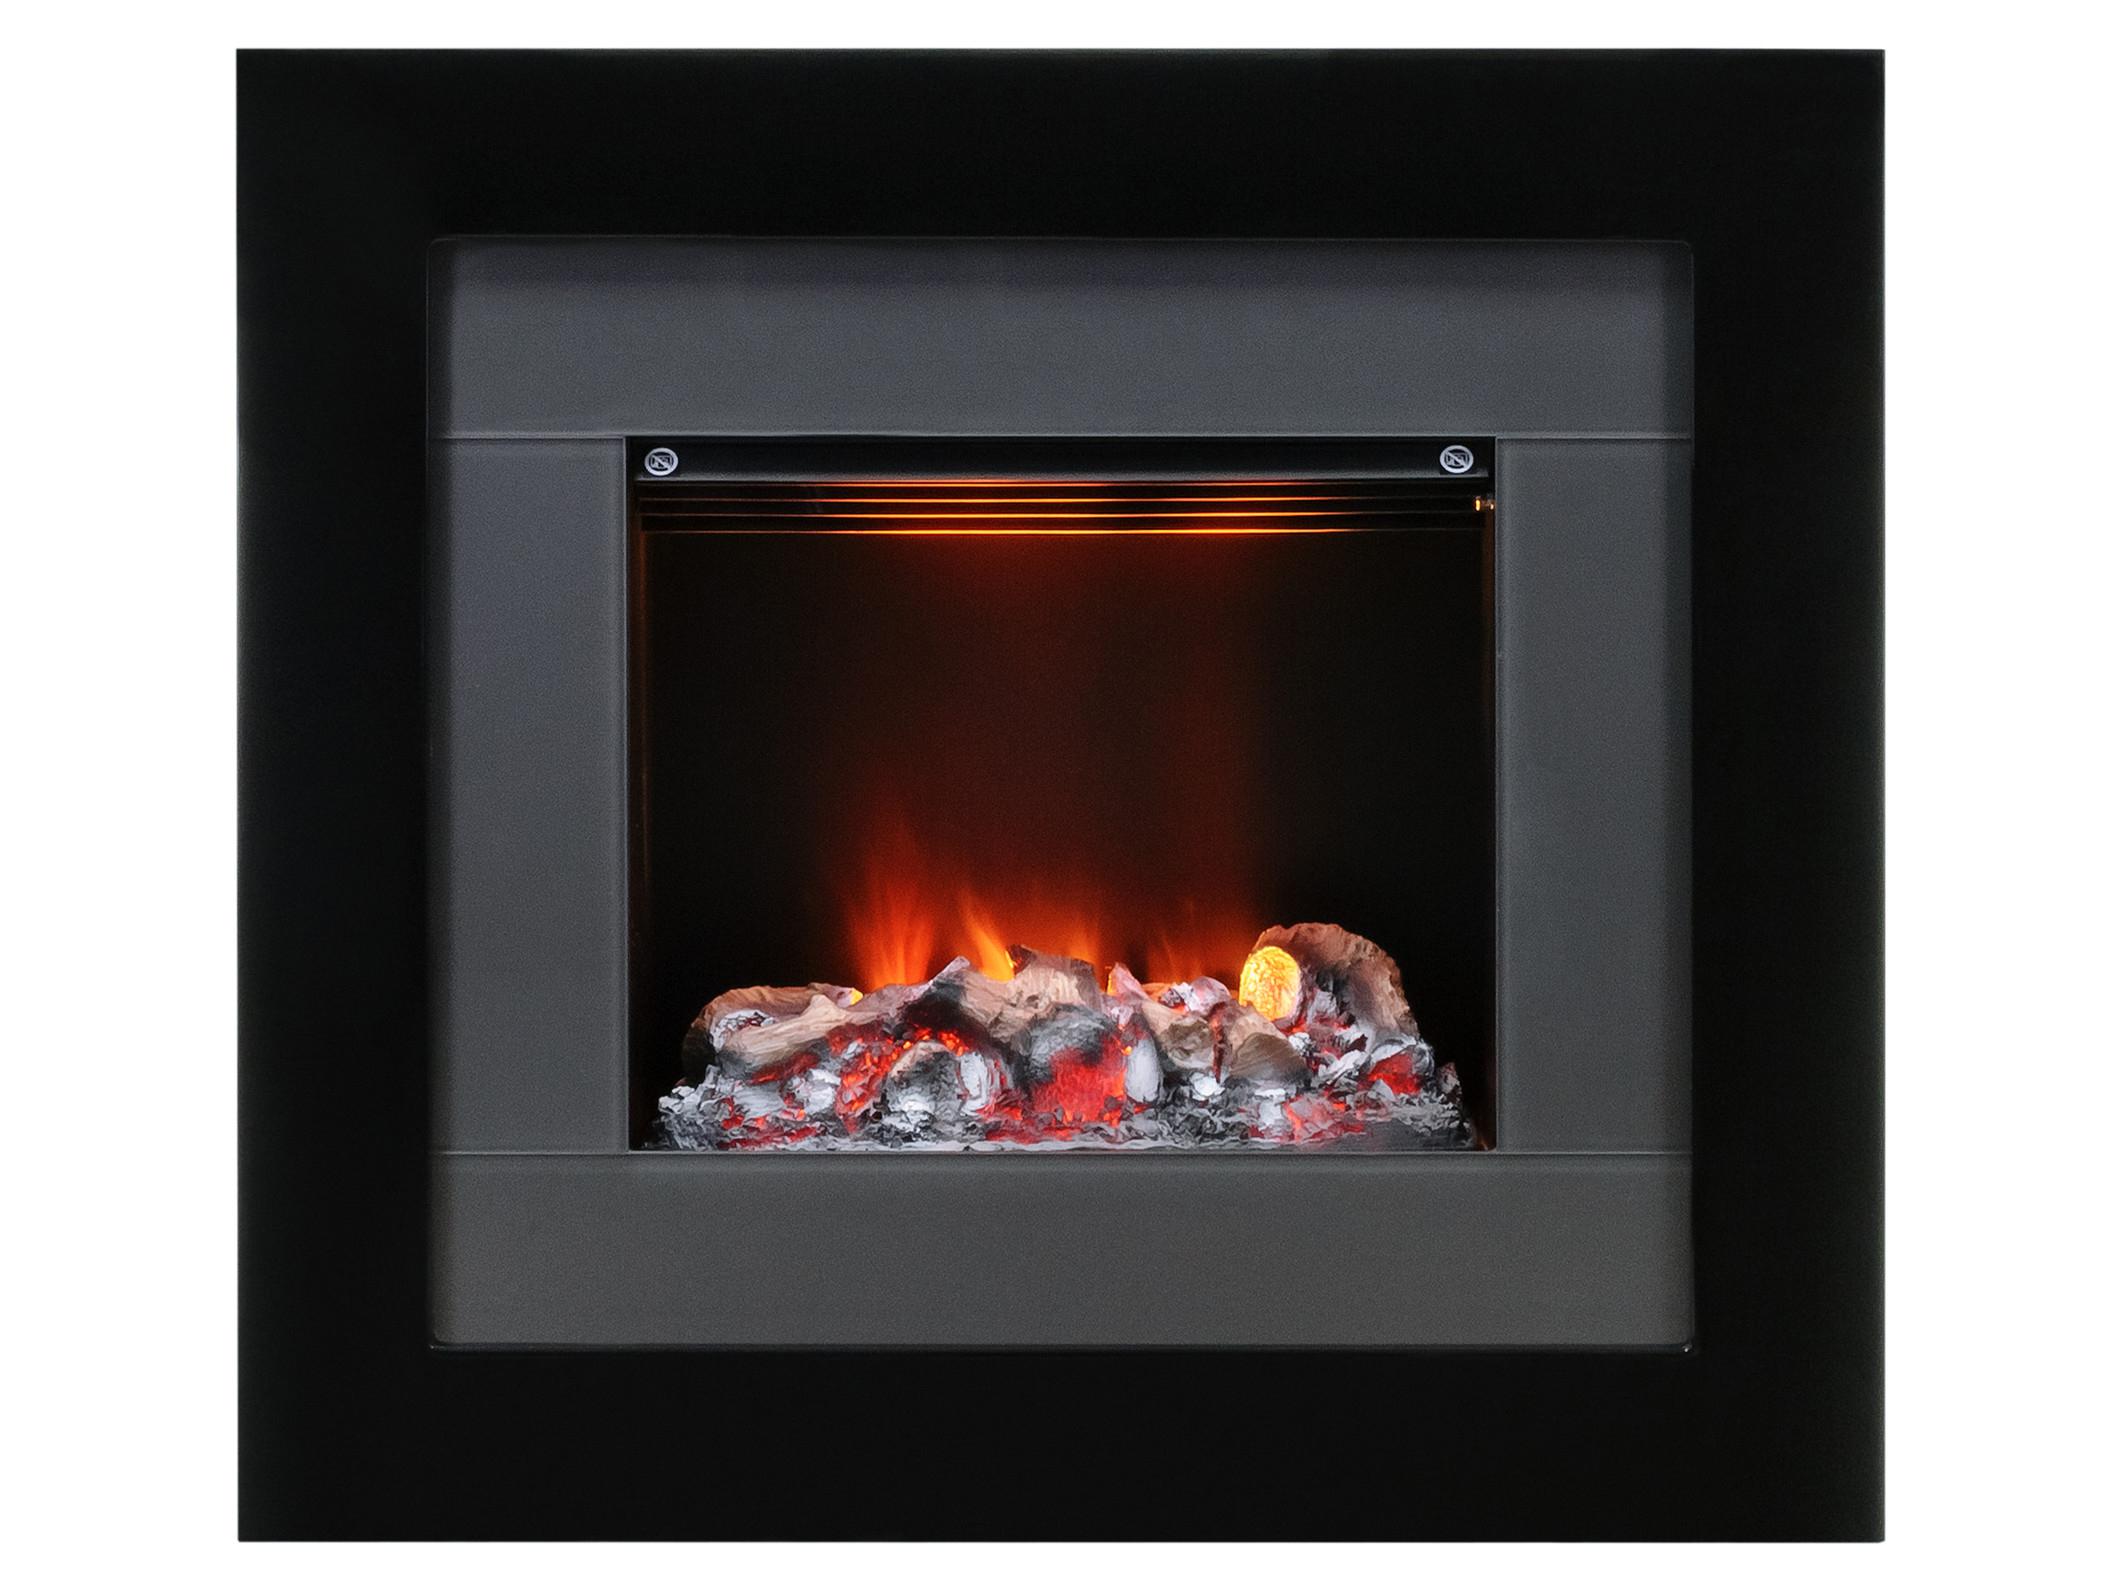 Очаг RedwayКамины, порталы и очаги<br>&amp;lt;div&amp;gt;Очаг Redway – это настенный камин с эффектом реального пламени Opti-Myst. Двойное обрамление очага, выполненное в насыщенном&amp;amp;nbsp; глянцевом черном и сером цветах, делает камин эффектным и стильным.&amp;lt;/div&amp;gt;&amp;lt;div&amp;gt;&amp;lt;br&amp;gt;&amp;lt;/div&amp;gt;&amp;lt;div&amp;gt;Характеристики:&amp;lt;/div&amp;gt;&amp;lt;div&amp;gt;Тип очага: навесной&amp;lt;/div&amp;gt;&amp;lt;div&amp;gt;Технология пламени: Opti-Myst&amp;lt;/div&amp;gt;&amp;lt;div&amp;gt;Пульт Д/У: В комплекте&amp;lt;/div&amp;gt;&amp;lt;div&amp;gt;Эффект тления дров: Есть&amp;lt;/div&amp;gt;&amp;lt;div&amp;gt;Парогенератор: Есть&amp;lt;/div&amp;gt;&amp;lt;div&amp;gt;Контроль интенсивности пламени: Есть&amp;lt;/div&amp;gt;&amp;lt;div&amp;gt;Мощность обогрева:&amp;amp;nbsp; 1-2 кВт&amp;lt;/div&amp;gt;<br><br>Material: Пластик<br>Ширина см: 76.0<br>Высота см: 69.0<br>Глубина см: 18.2